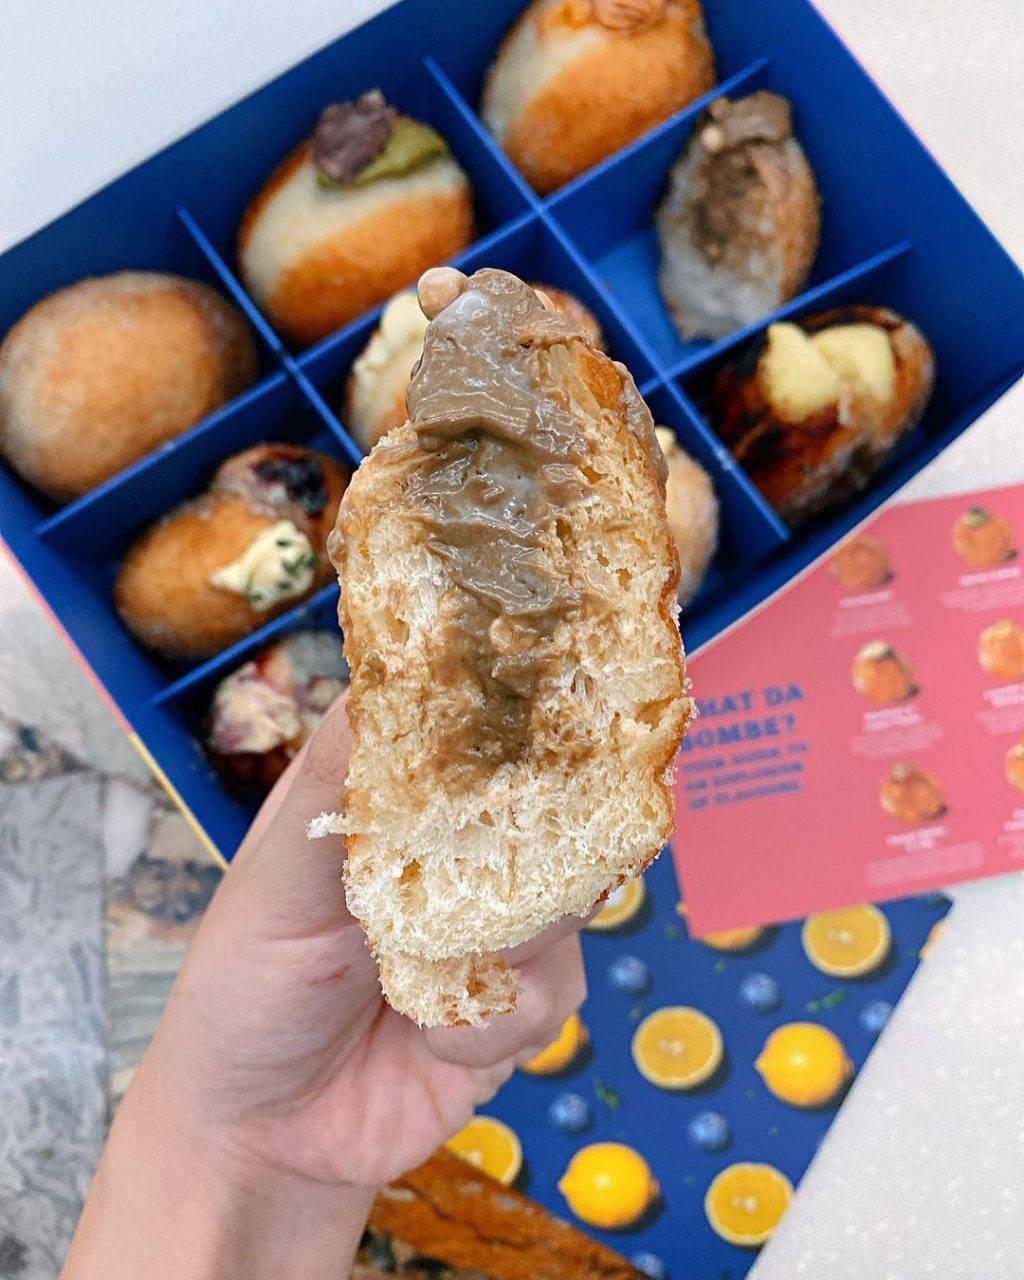 酸面团做出甜甜圈Sourbombe Artisanal Bakery😮丰富内馅一咬就爆浆!卡路里炸弹来袭💣